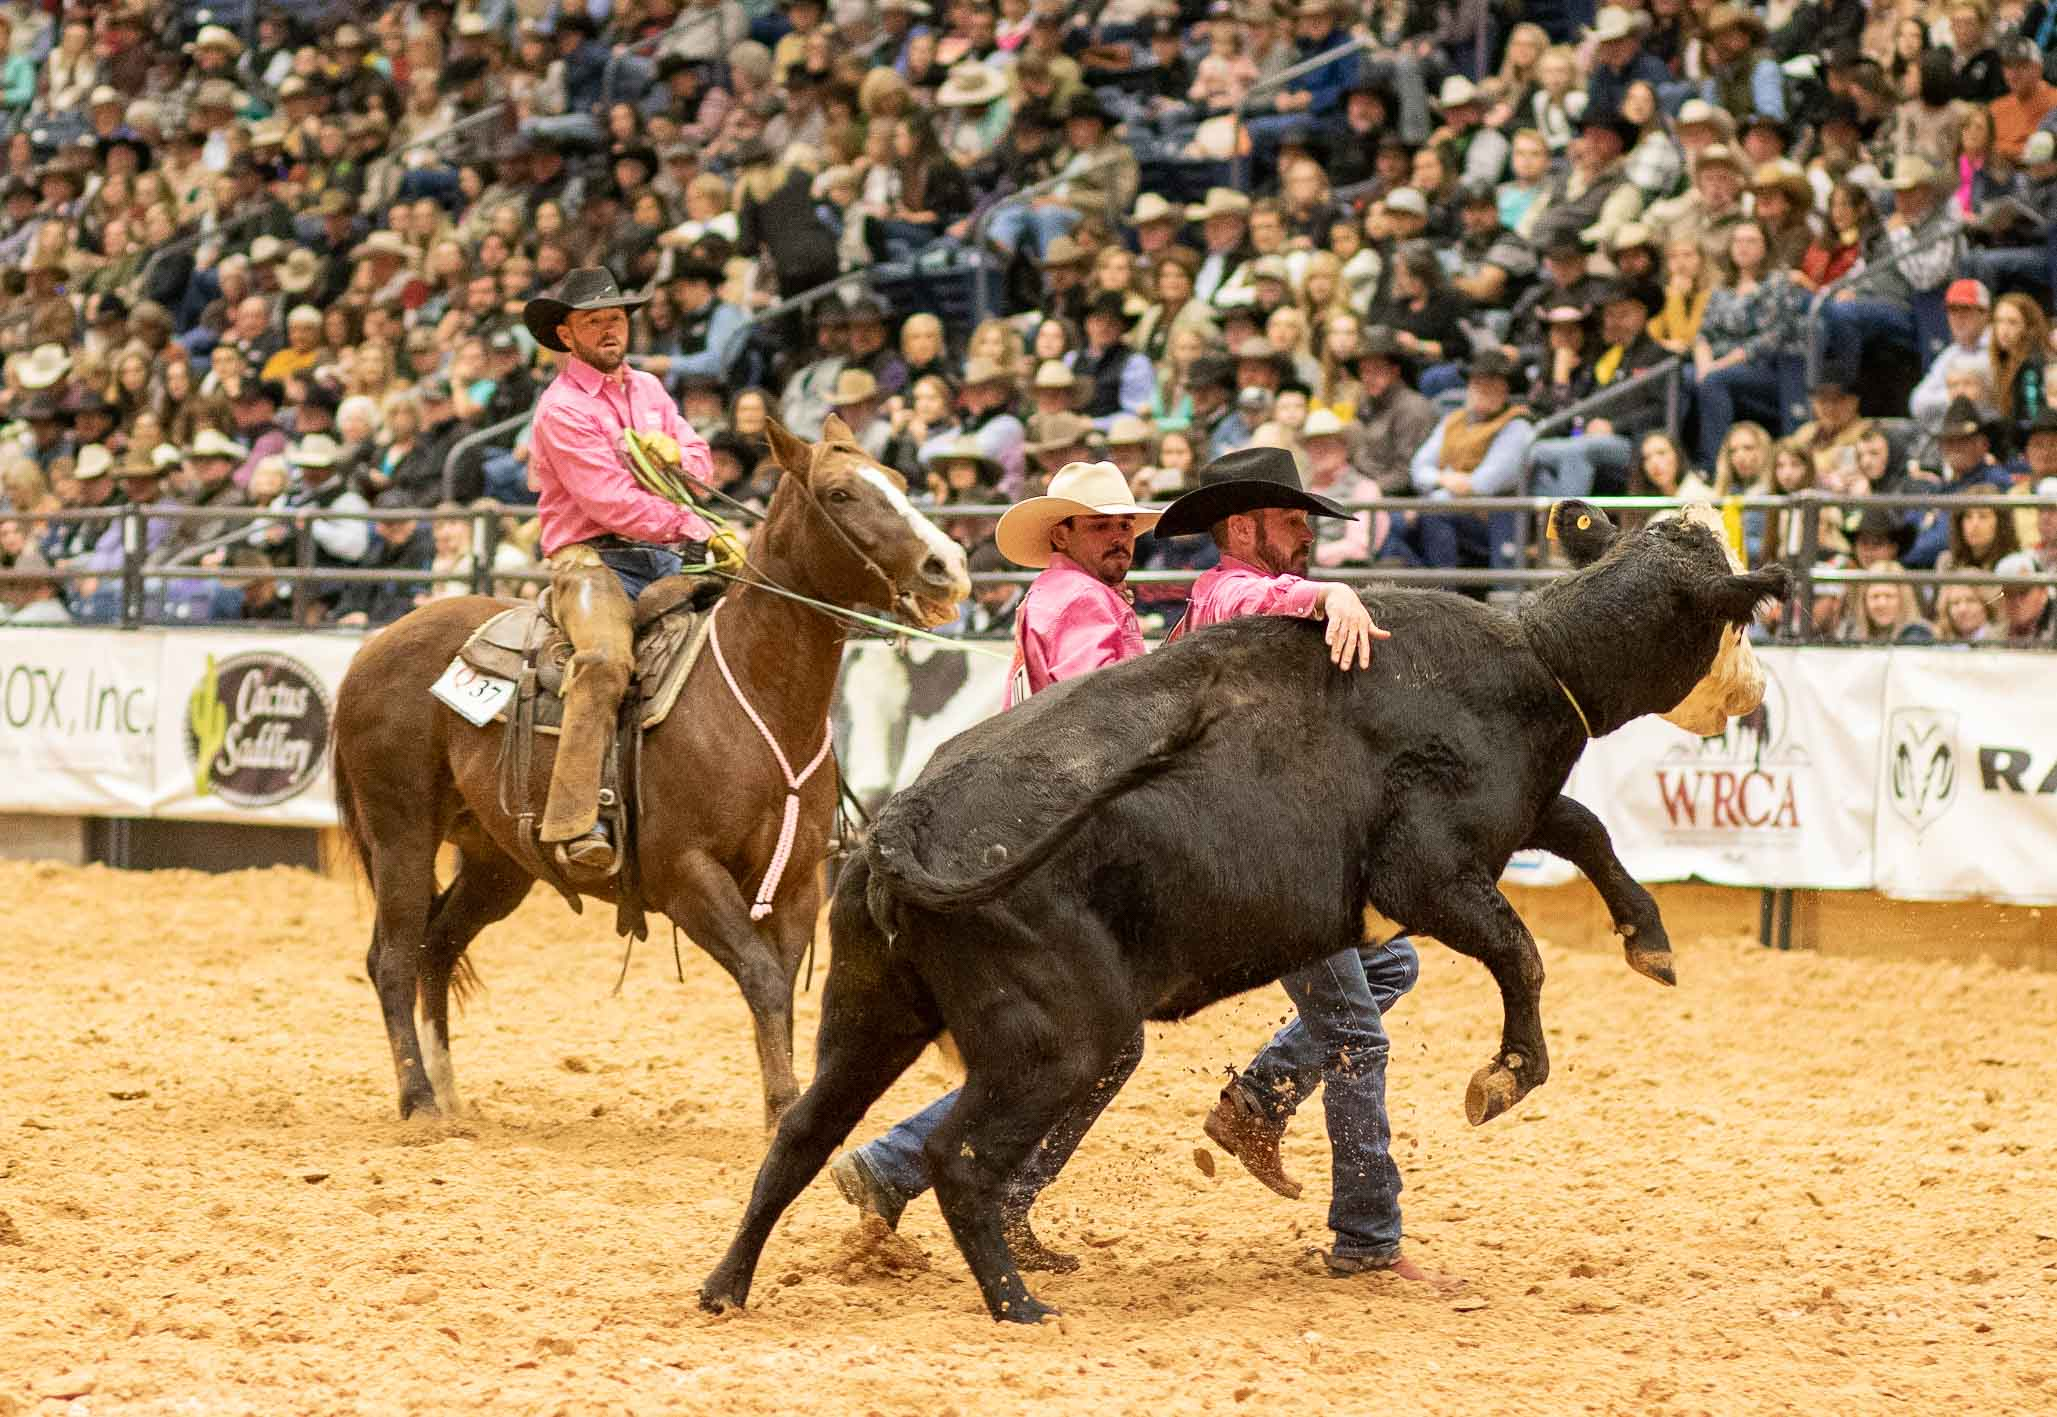 Für Reiter, Rund und Pferd ist das Rodeo ein Gewaltakt, der nicht ohne Blessuren abgeht.